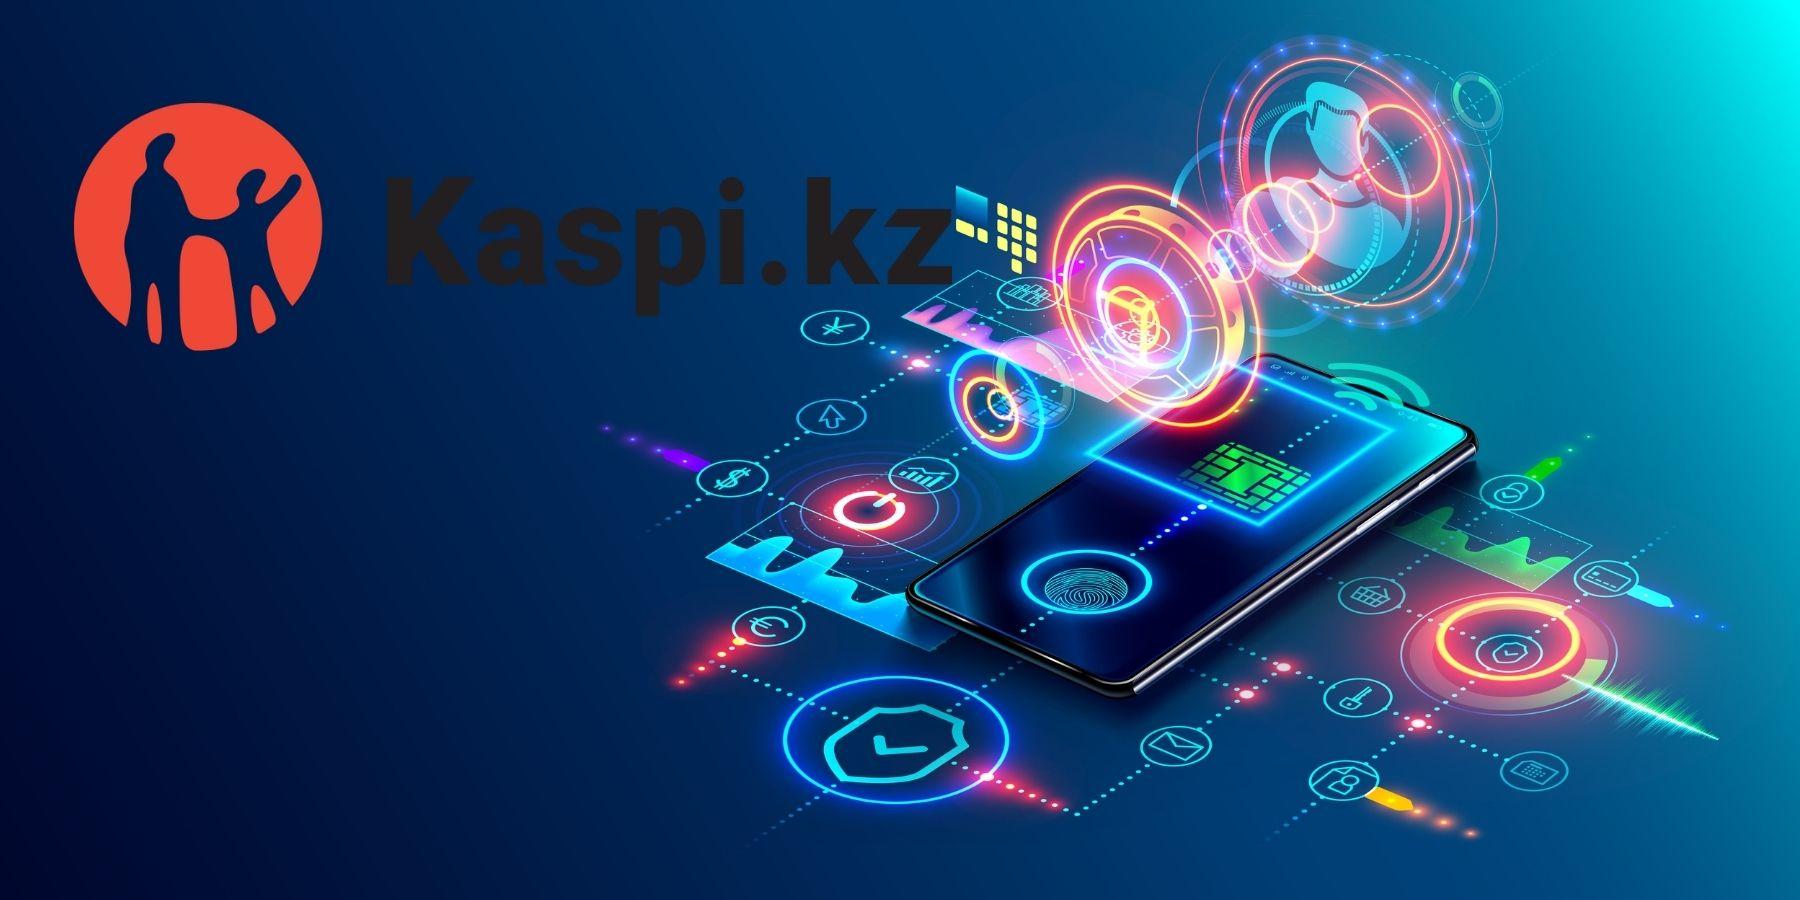 Kaspi.kz Aktie